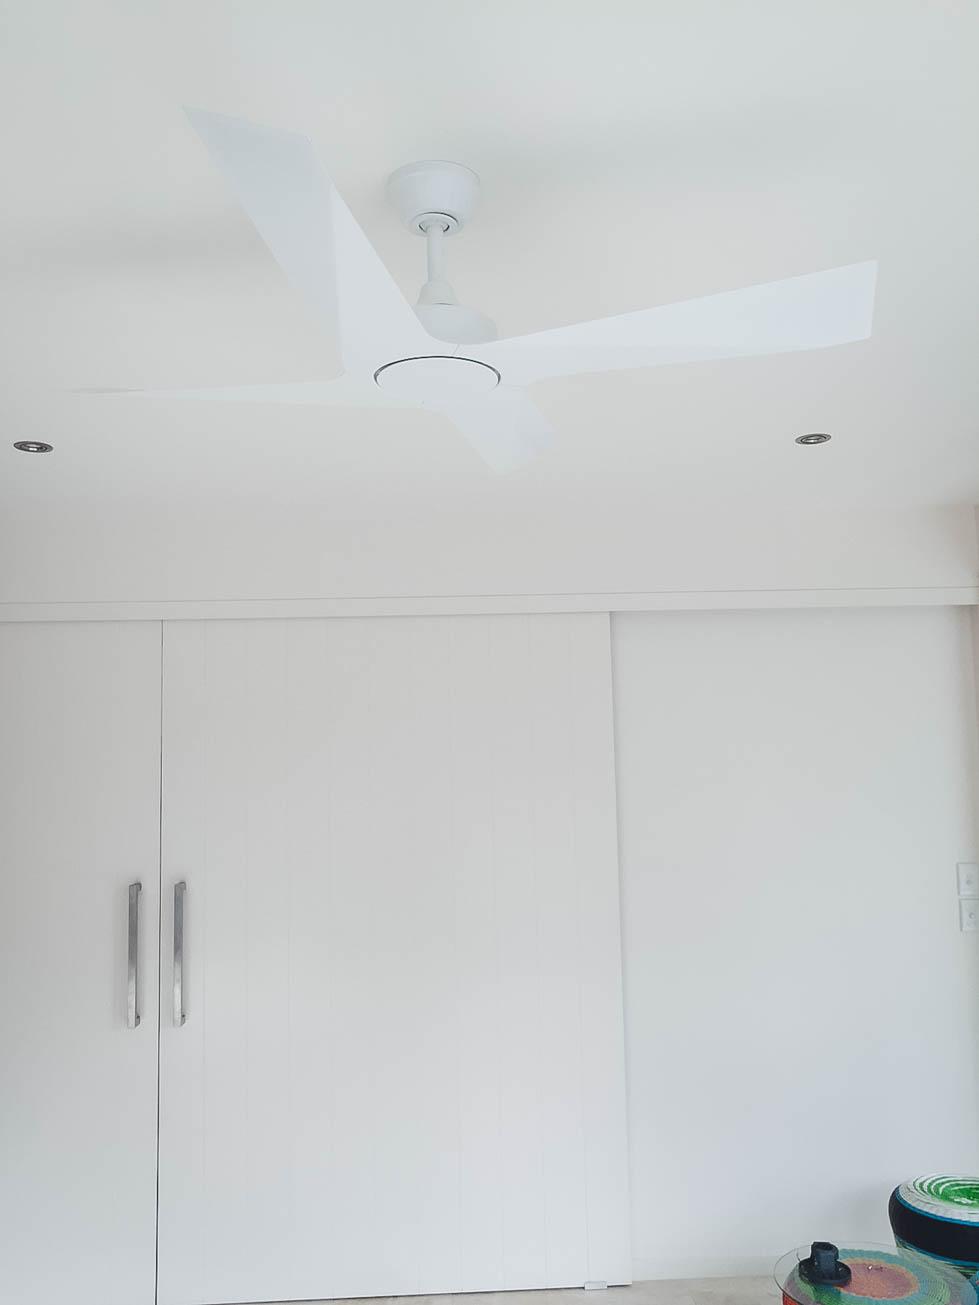 Modn 4 Ceiling Fan 5